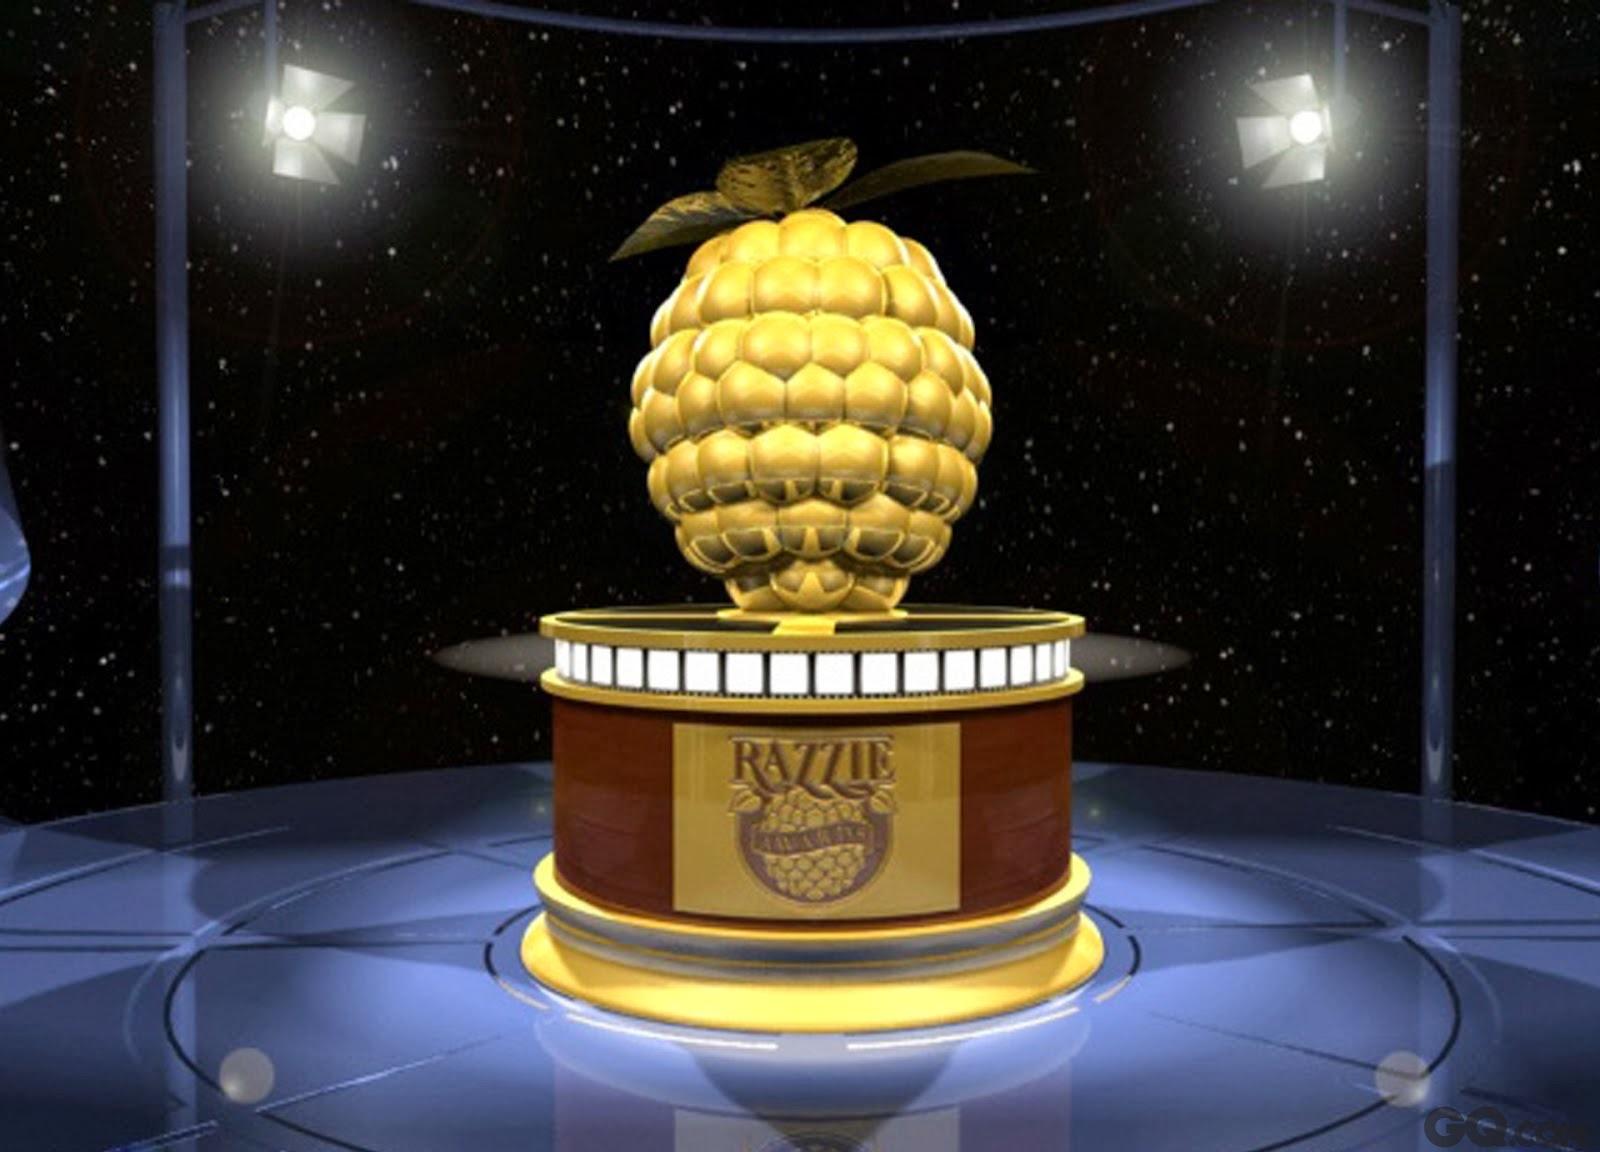 """论起出身,金酸莓奖远不如来自美国电影艺术与科学学院的奥斯卡奖高贵,原本只是影迷们自娱自乐的活动,在制片人约翰·维尔森的客厅中颁发,但是随着该奖项的娱乐性、话题性等因素,近年来呼声逐渐高涨,已经成长为一个关注度很高的评选活动,拥有一个由电影从业者、专家和影迷组成的500人评审团。所以说,金酸莓奖虽然有着一个娱乐性的出身,但是它并非是一个专注于""""恶搞""""的娱乐庆典,而是日渐成长为一个真正具有专业性、权威性、公平性的真正""""大奖""""——当然,它还具备其他奖项所不具有的""""哀其不幸,怒其不争""""的情怀。"""